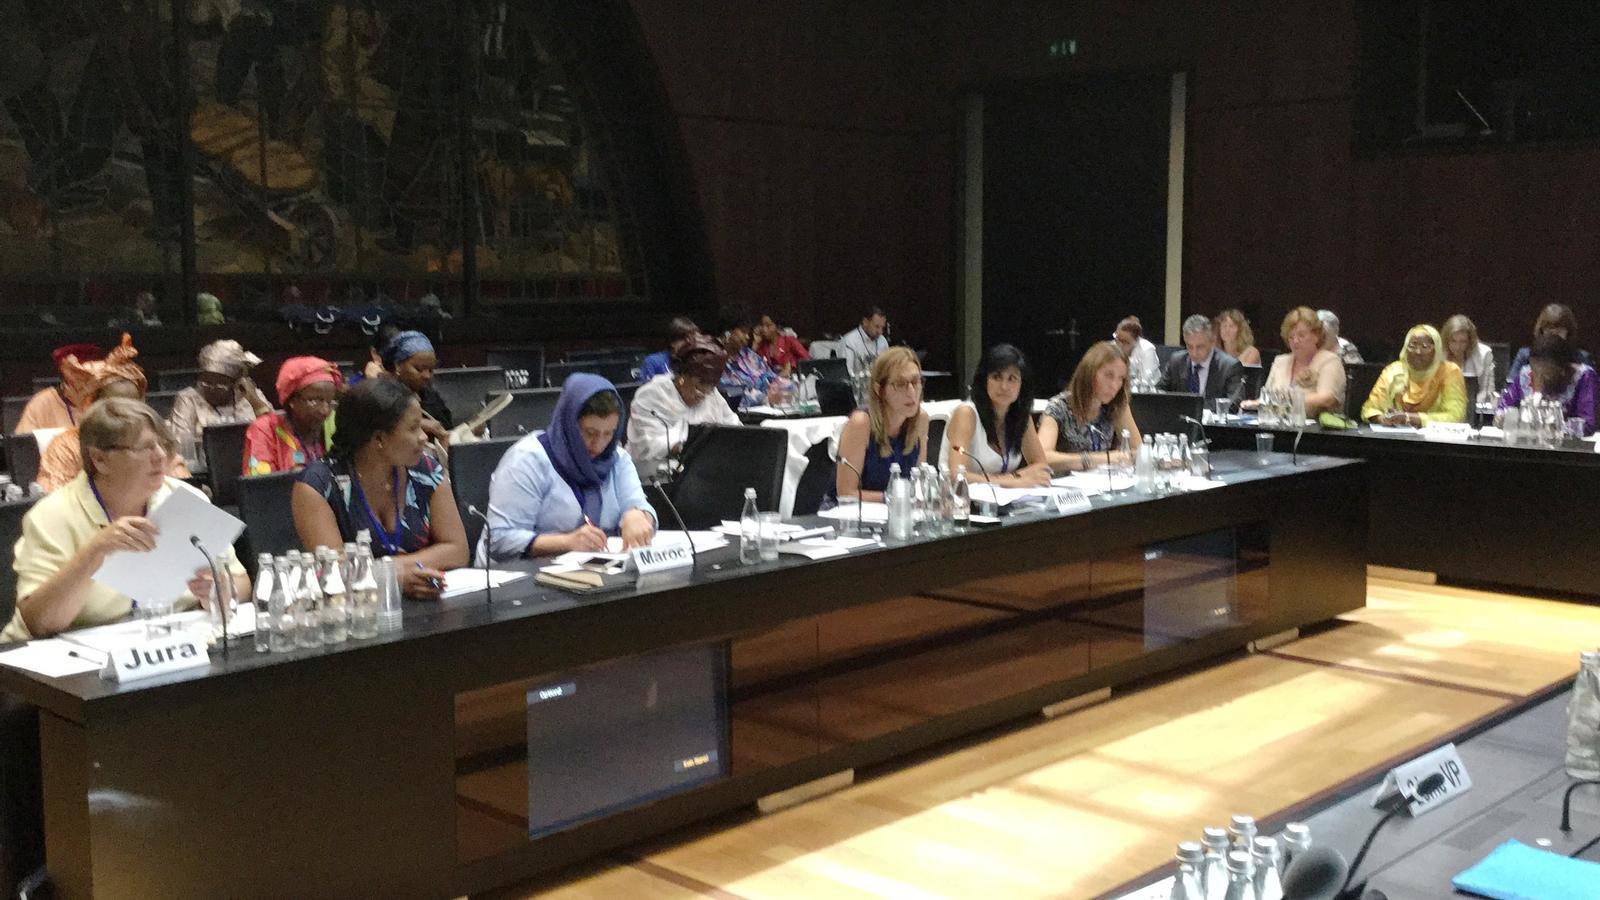 Una participació recent d'una delegació del Consell General a la xarxa de dones parlamentàries de la Francofonia